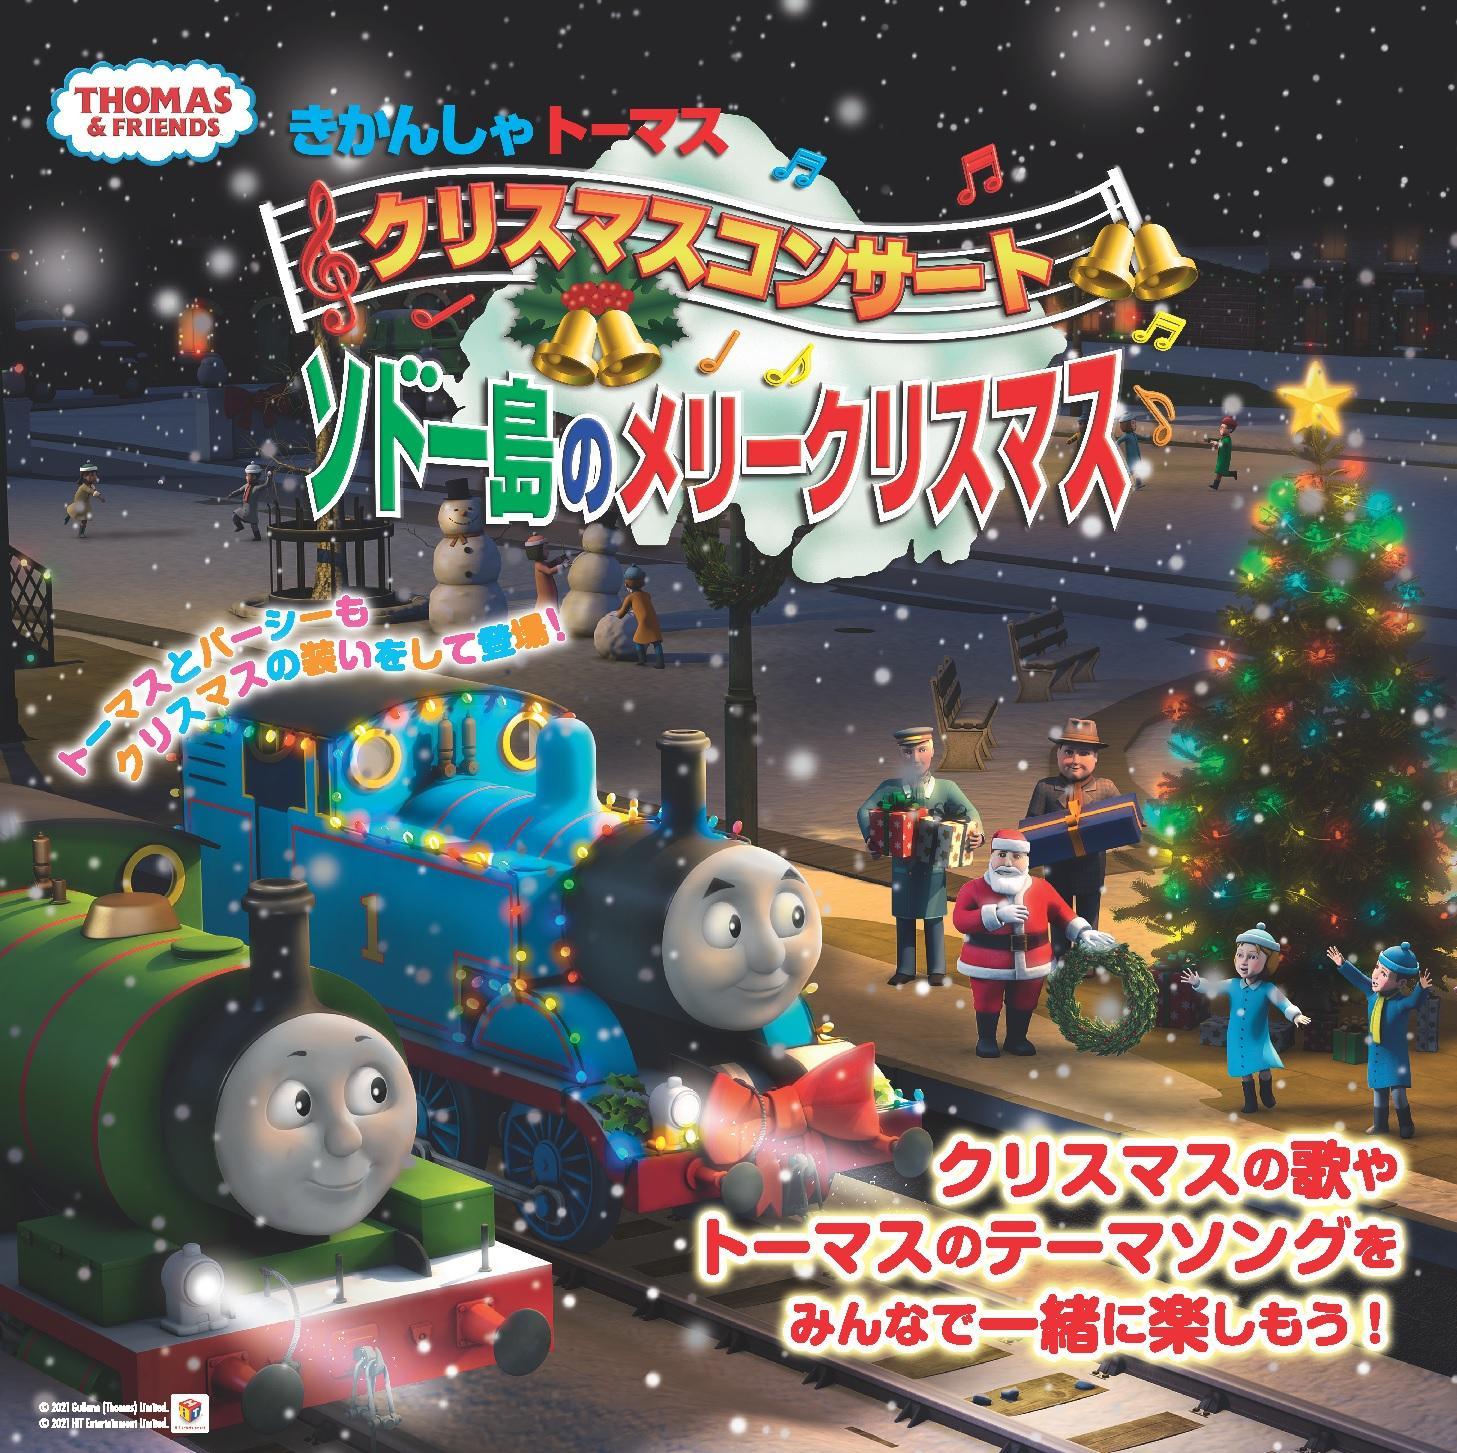 きかんしゃトーマス クリスマスコンサート<br>ソドー島のメリークリスマス